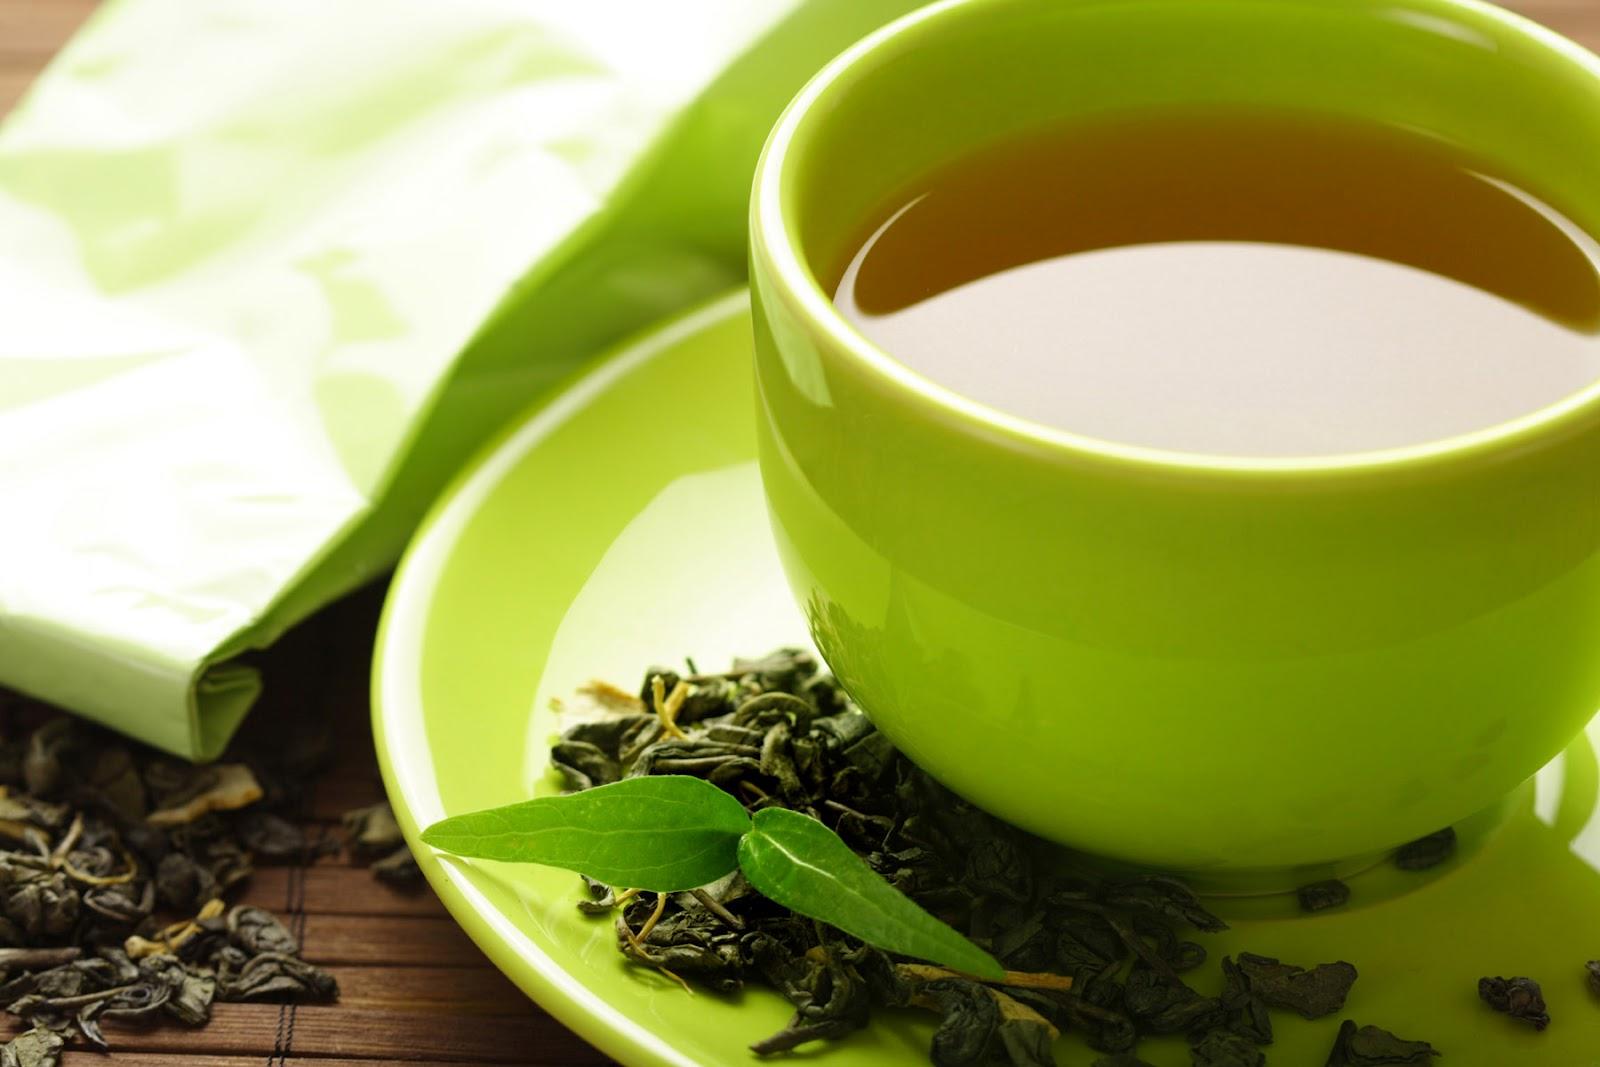 чай для похудения ласточка отзывы